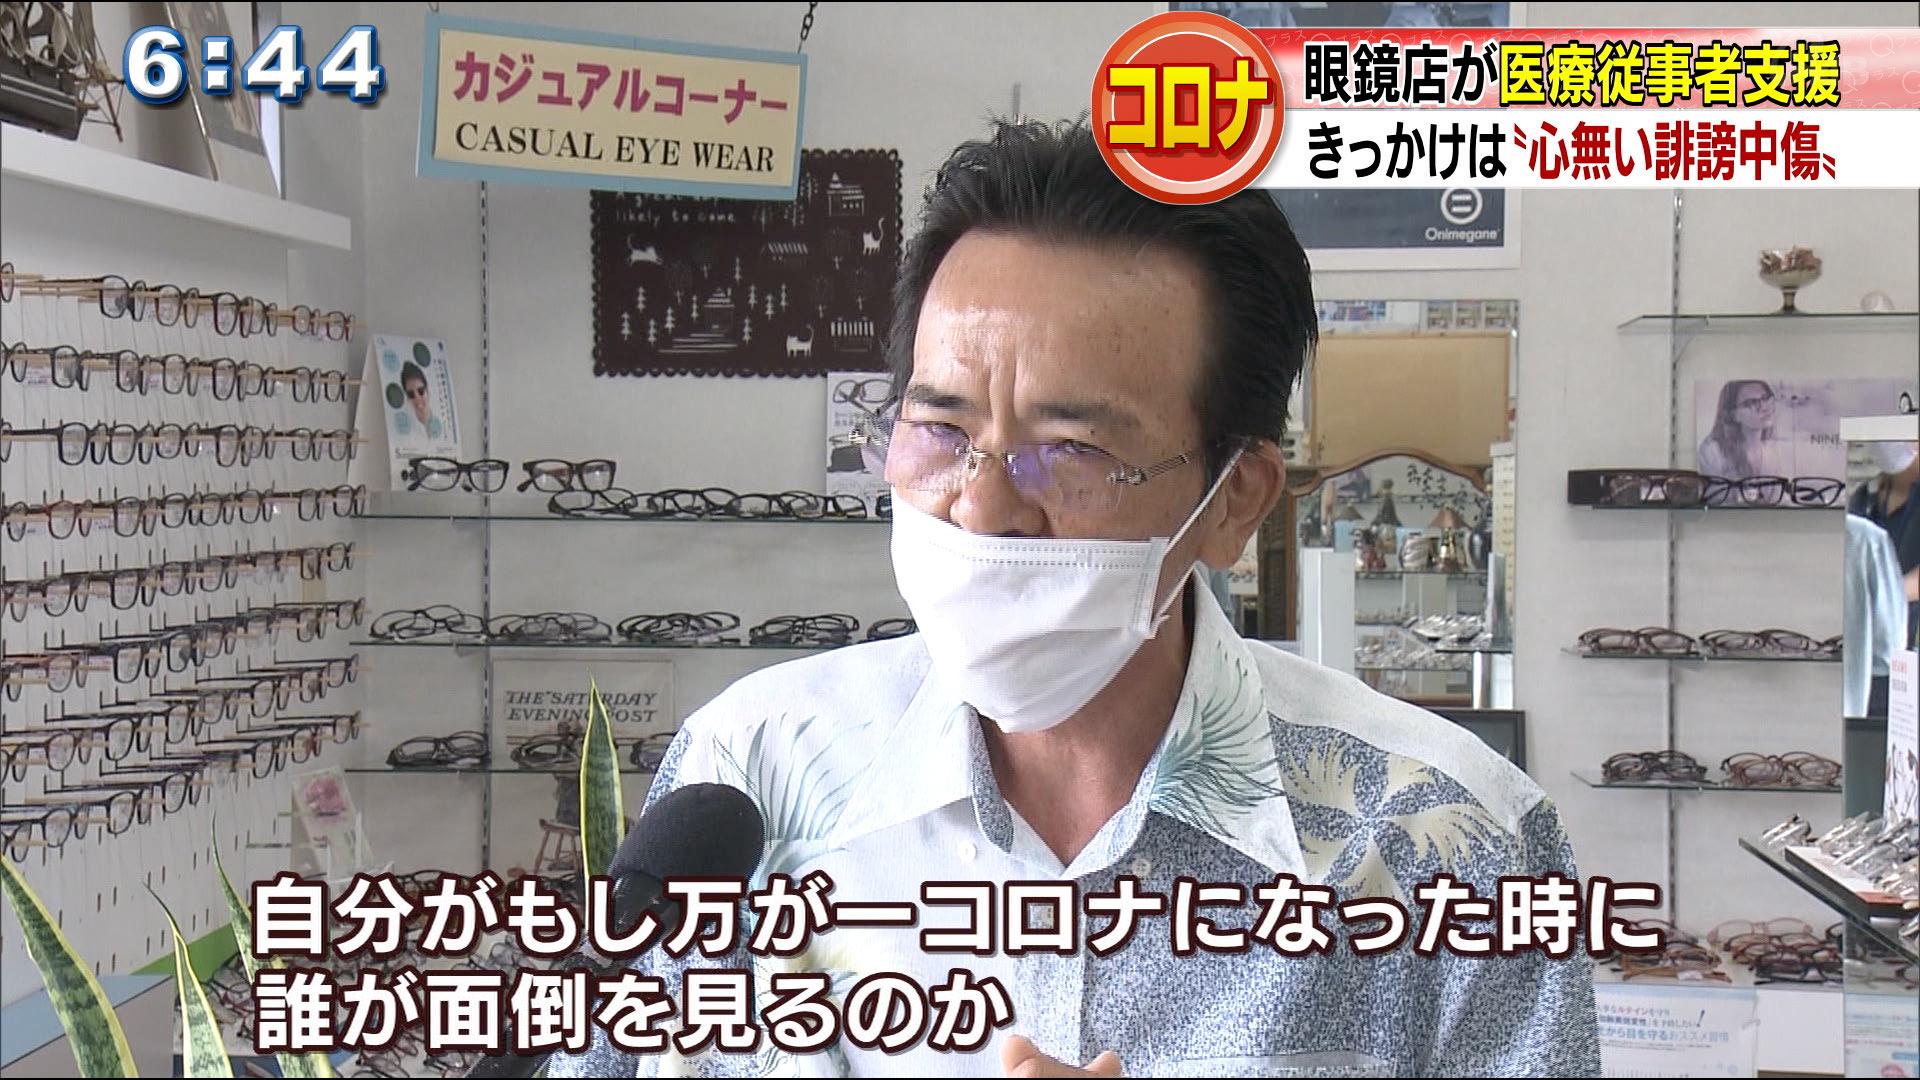 創業40年の眼鏡店が医療従事者支援